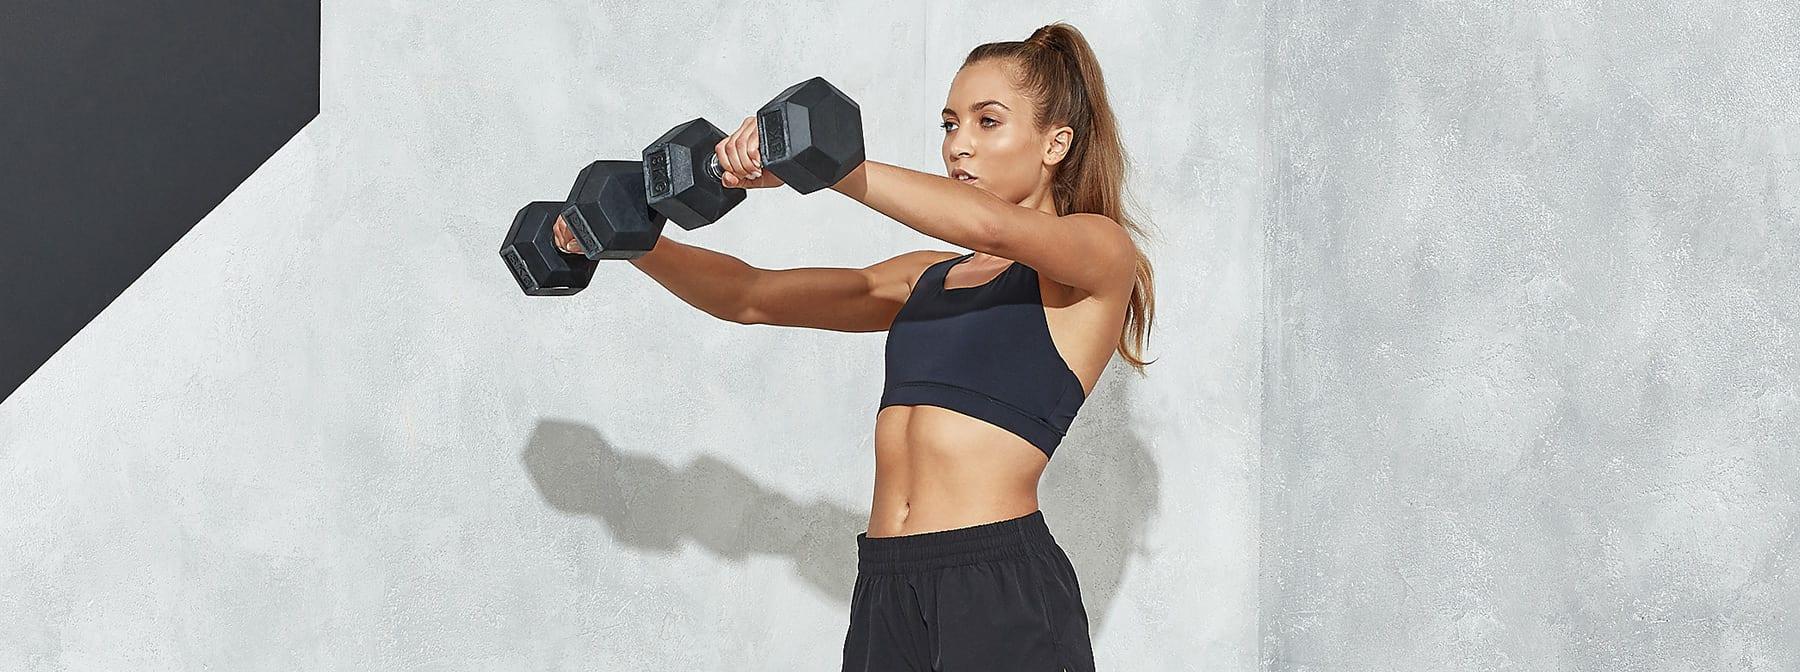 2. Ridicări laterale, exerciții care ard grăsimea abdominală